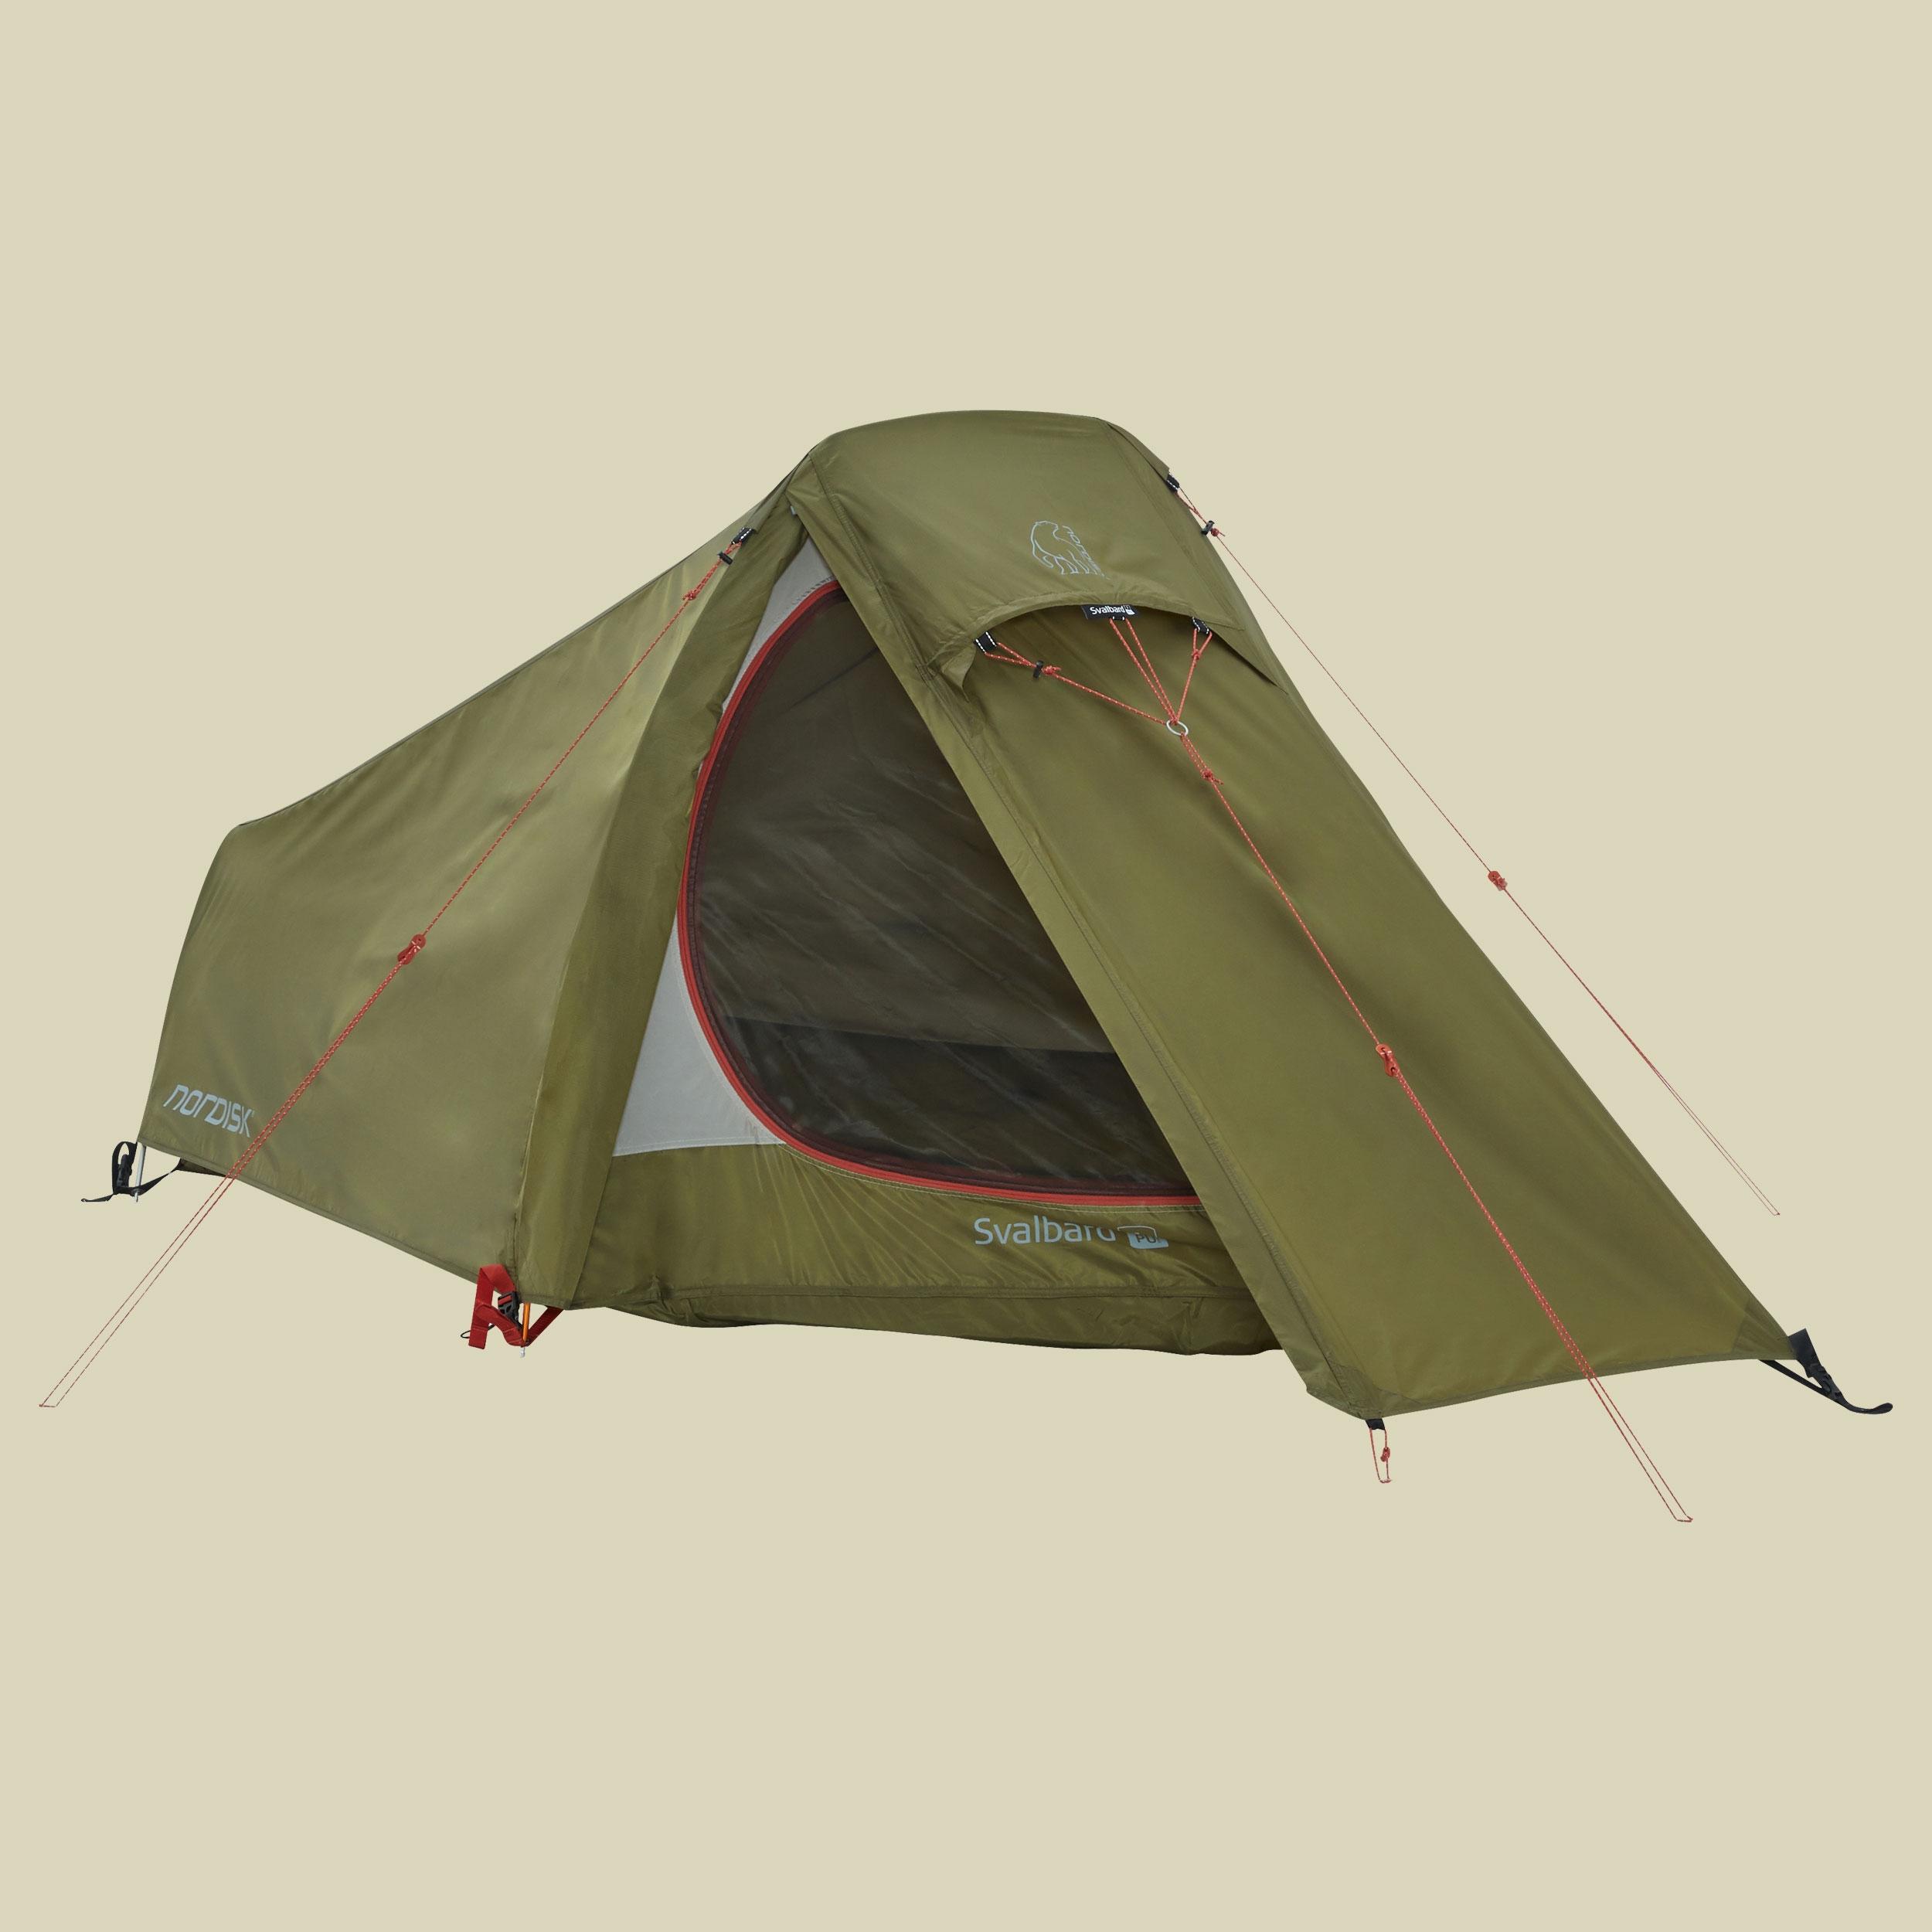 Image of nordisk Svalbard 1 PU Tent 1-Personen Zelt 1-Personen Zelt dark olive